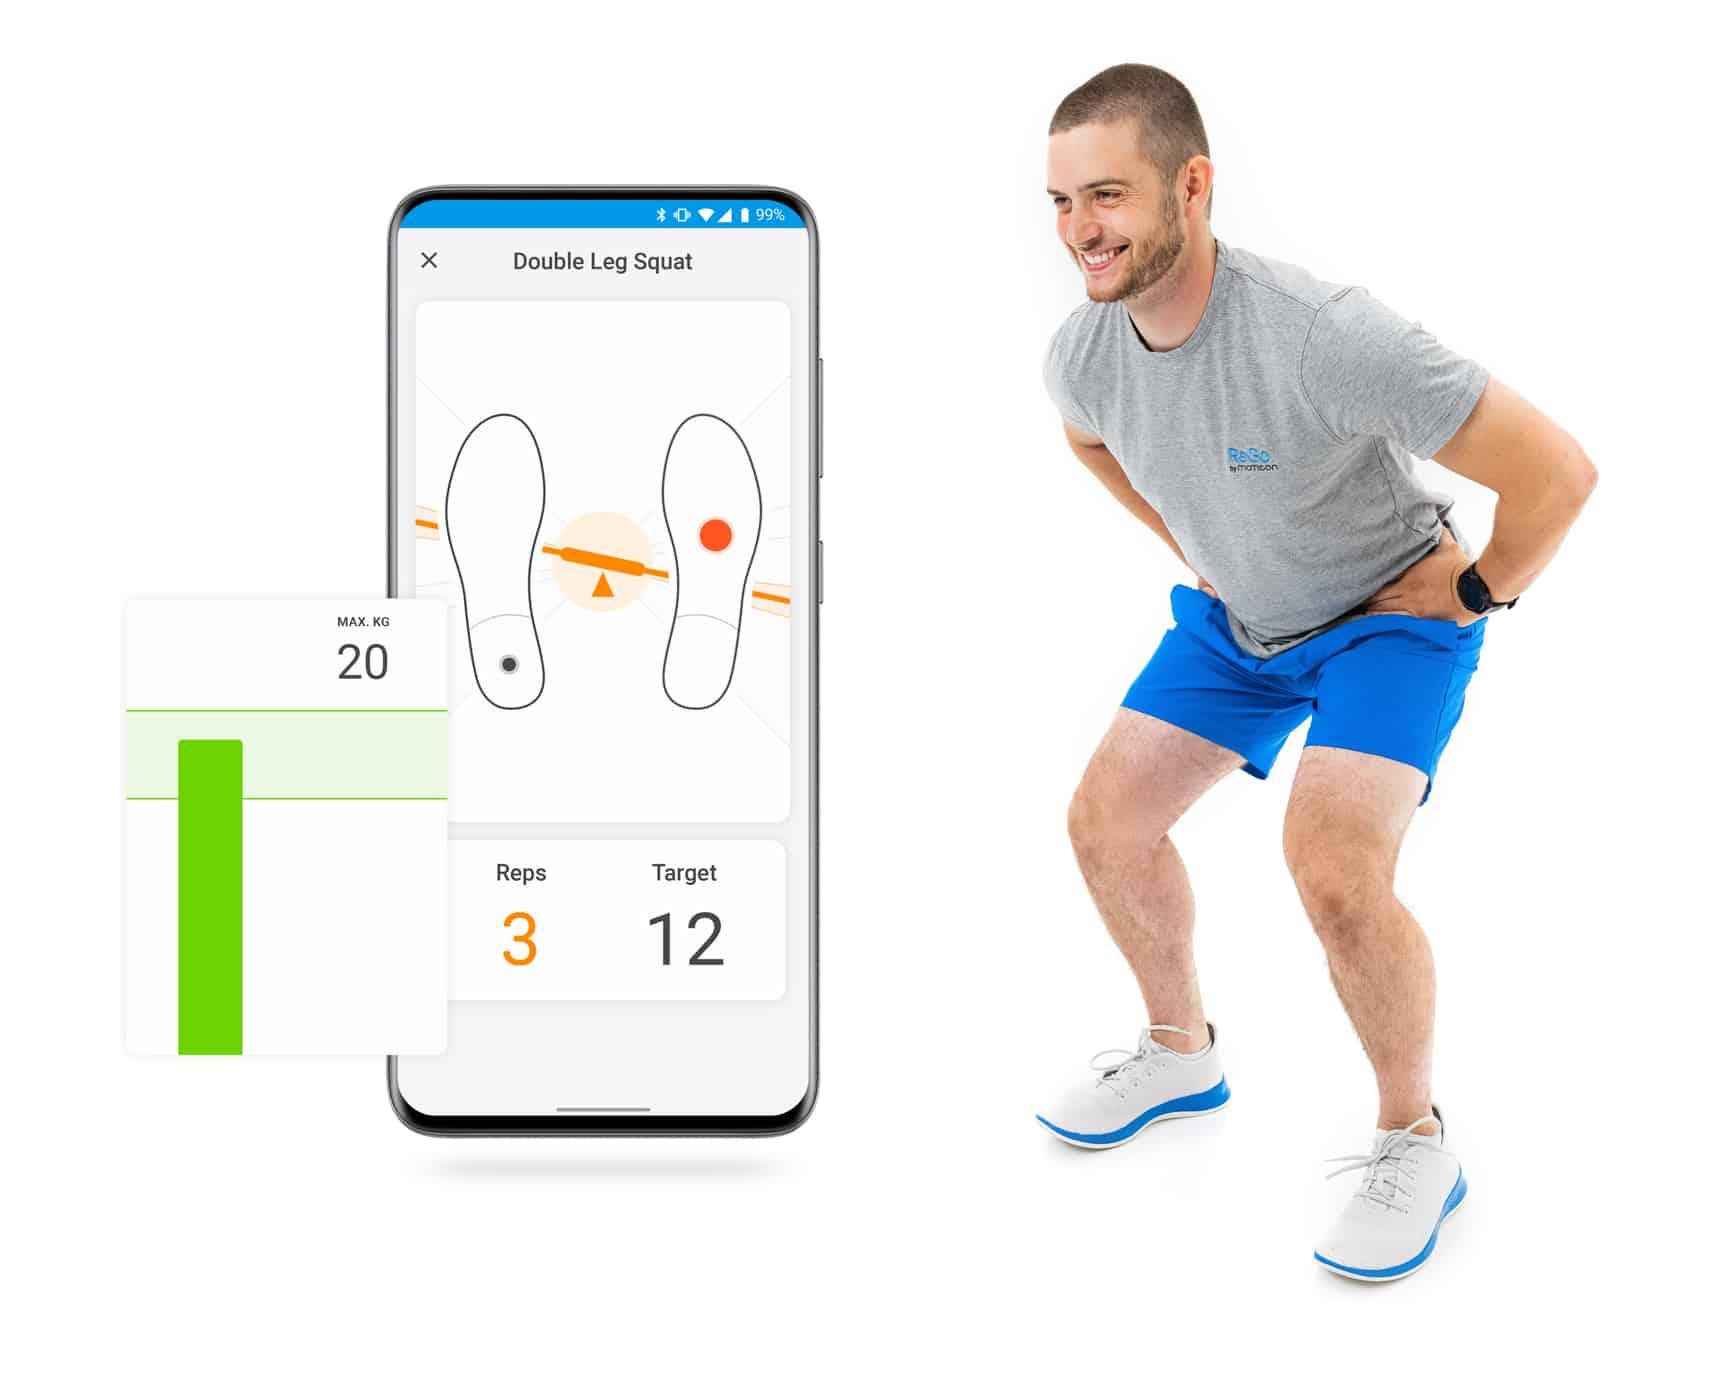 moticon-rego-squat-widget-biofeedback